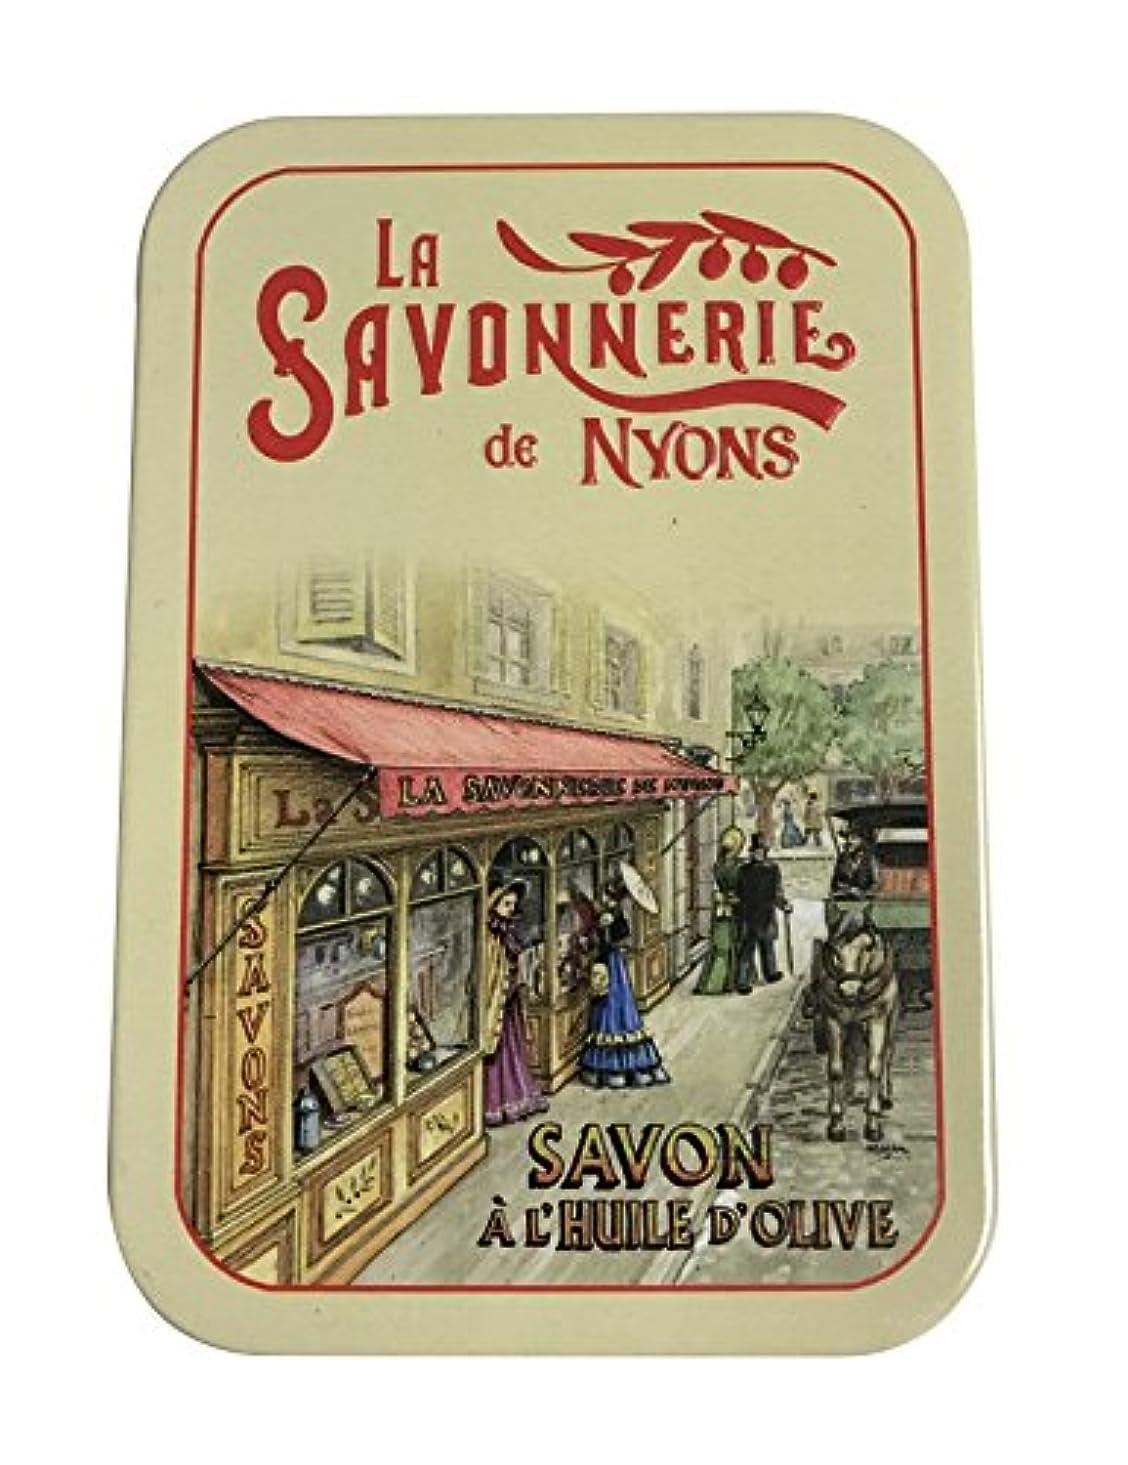 テレビハーフ弱点ラ?サボネリー アンティーク缶入り石鹸 タイプ200 パリの町並み(コットンフラワー)